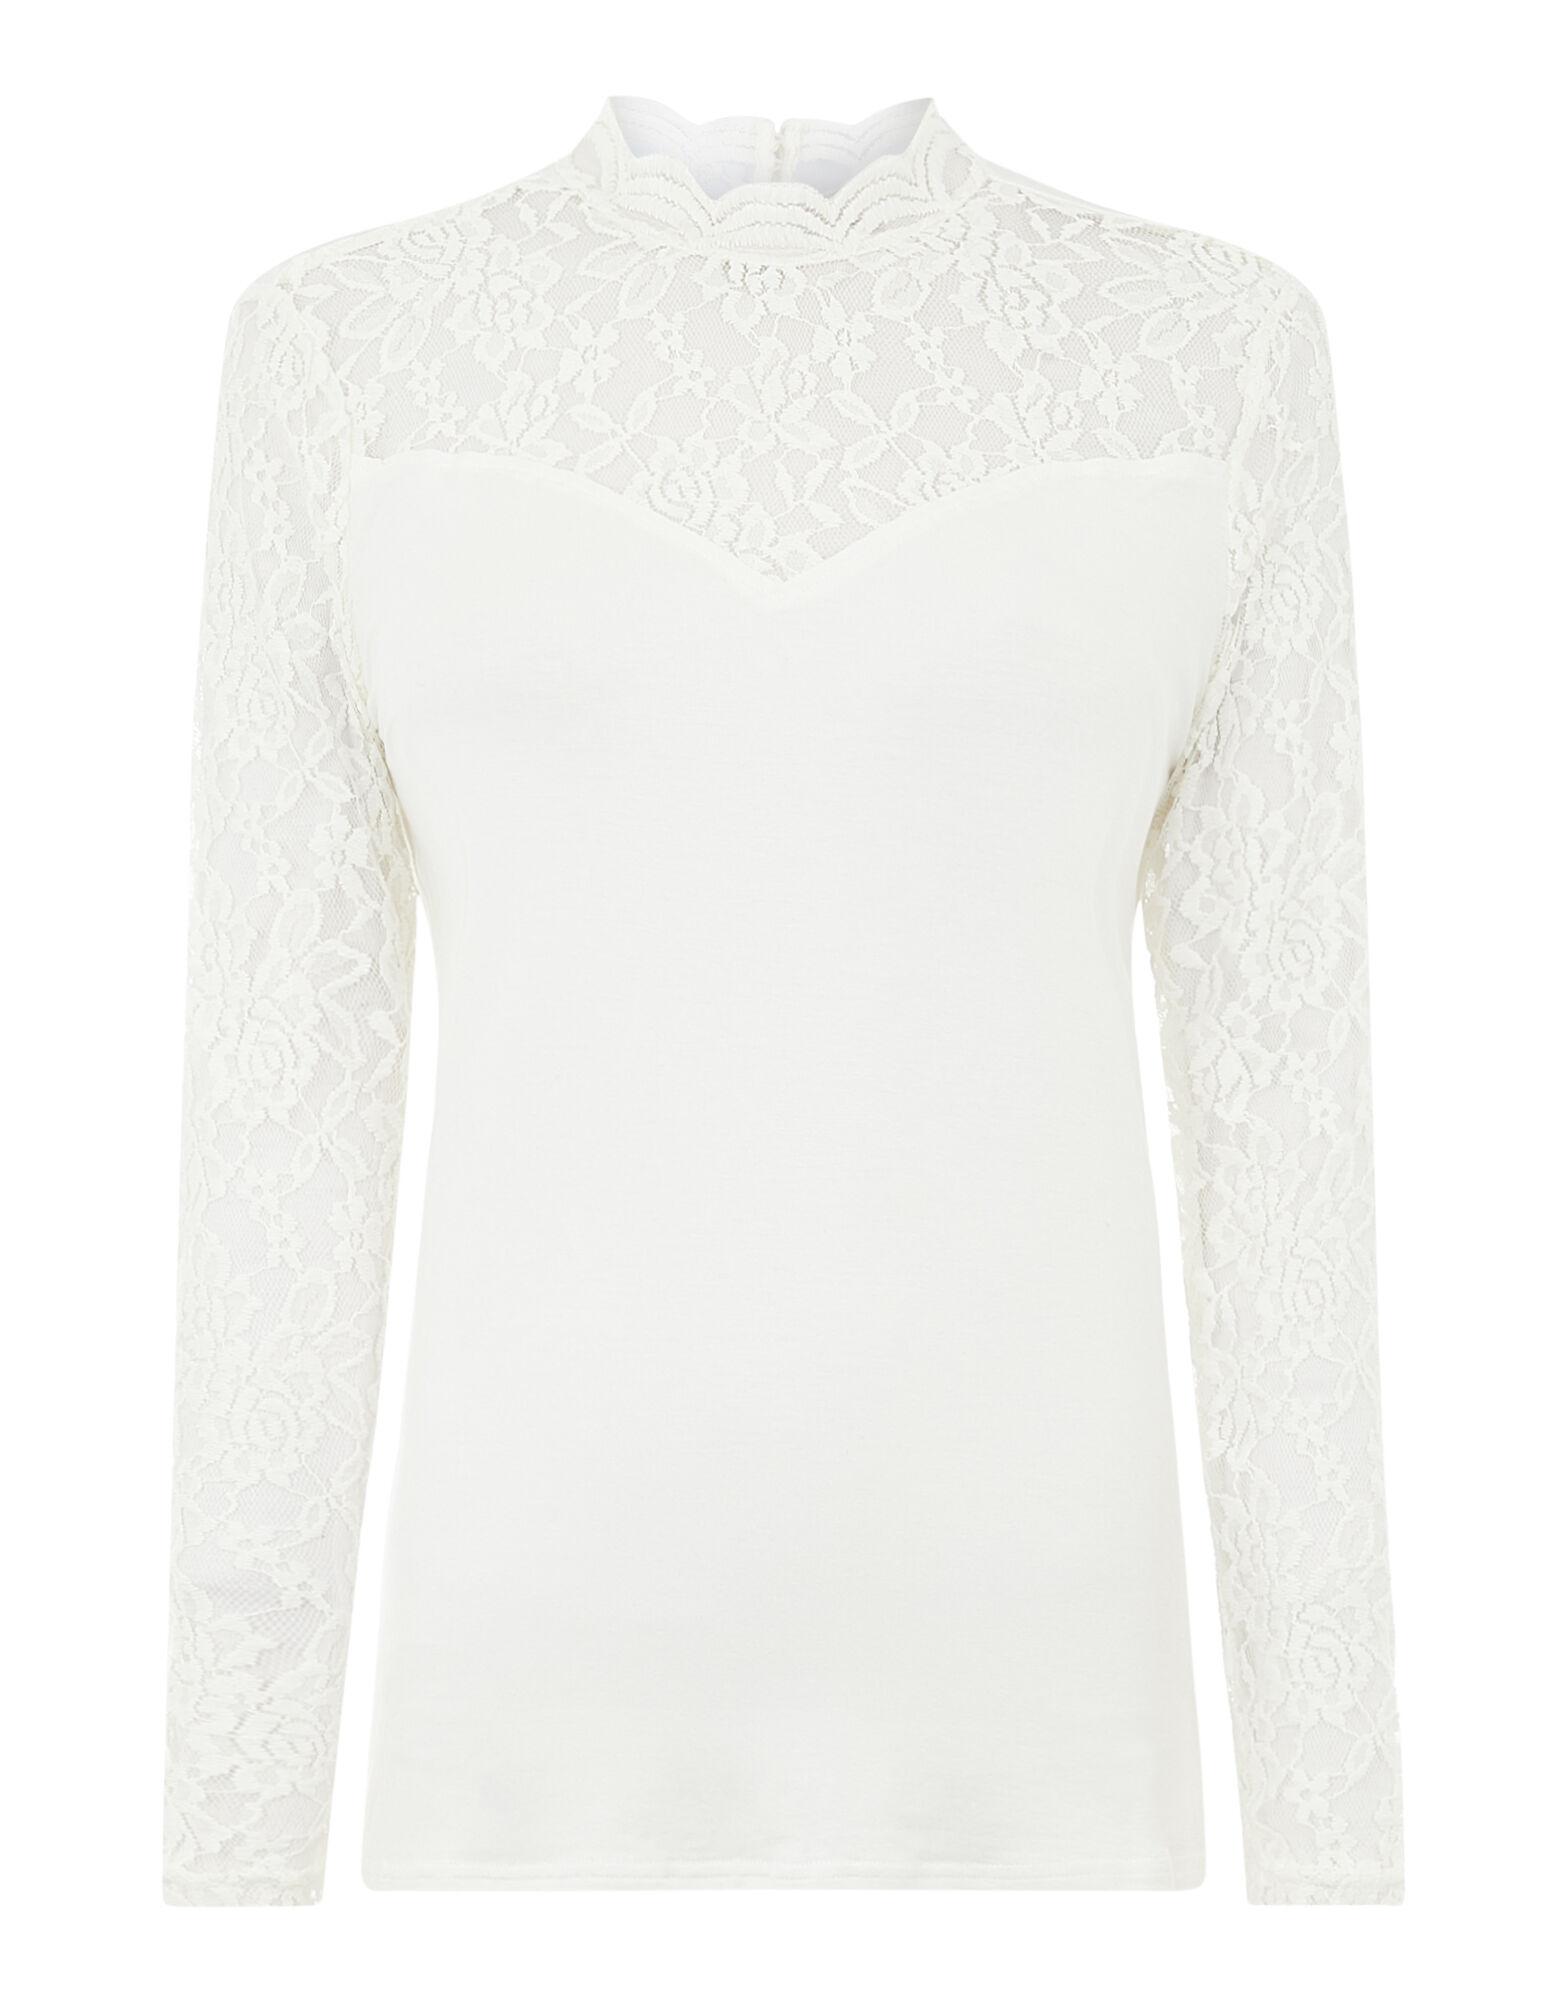 Damen Pullover günstig kaufen✓ Takko Fashion im Angebot